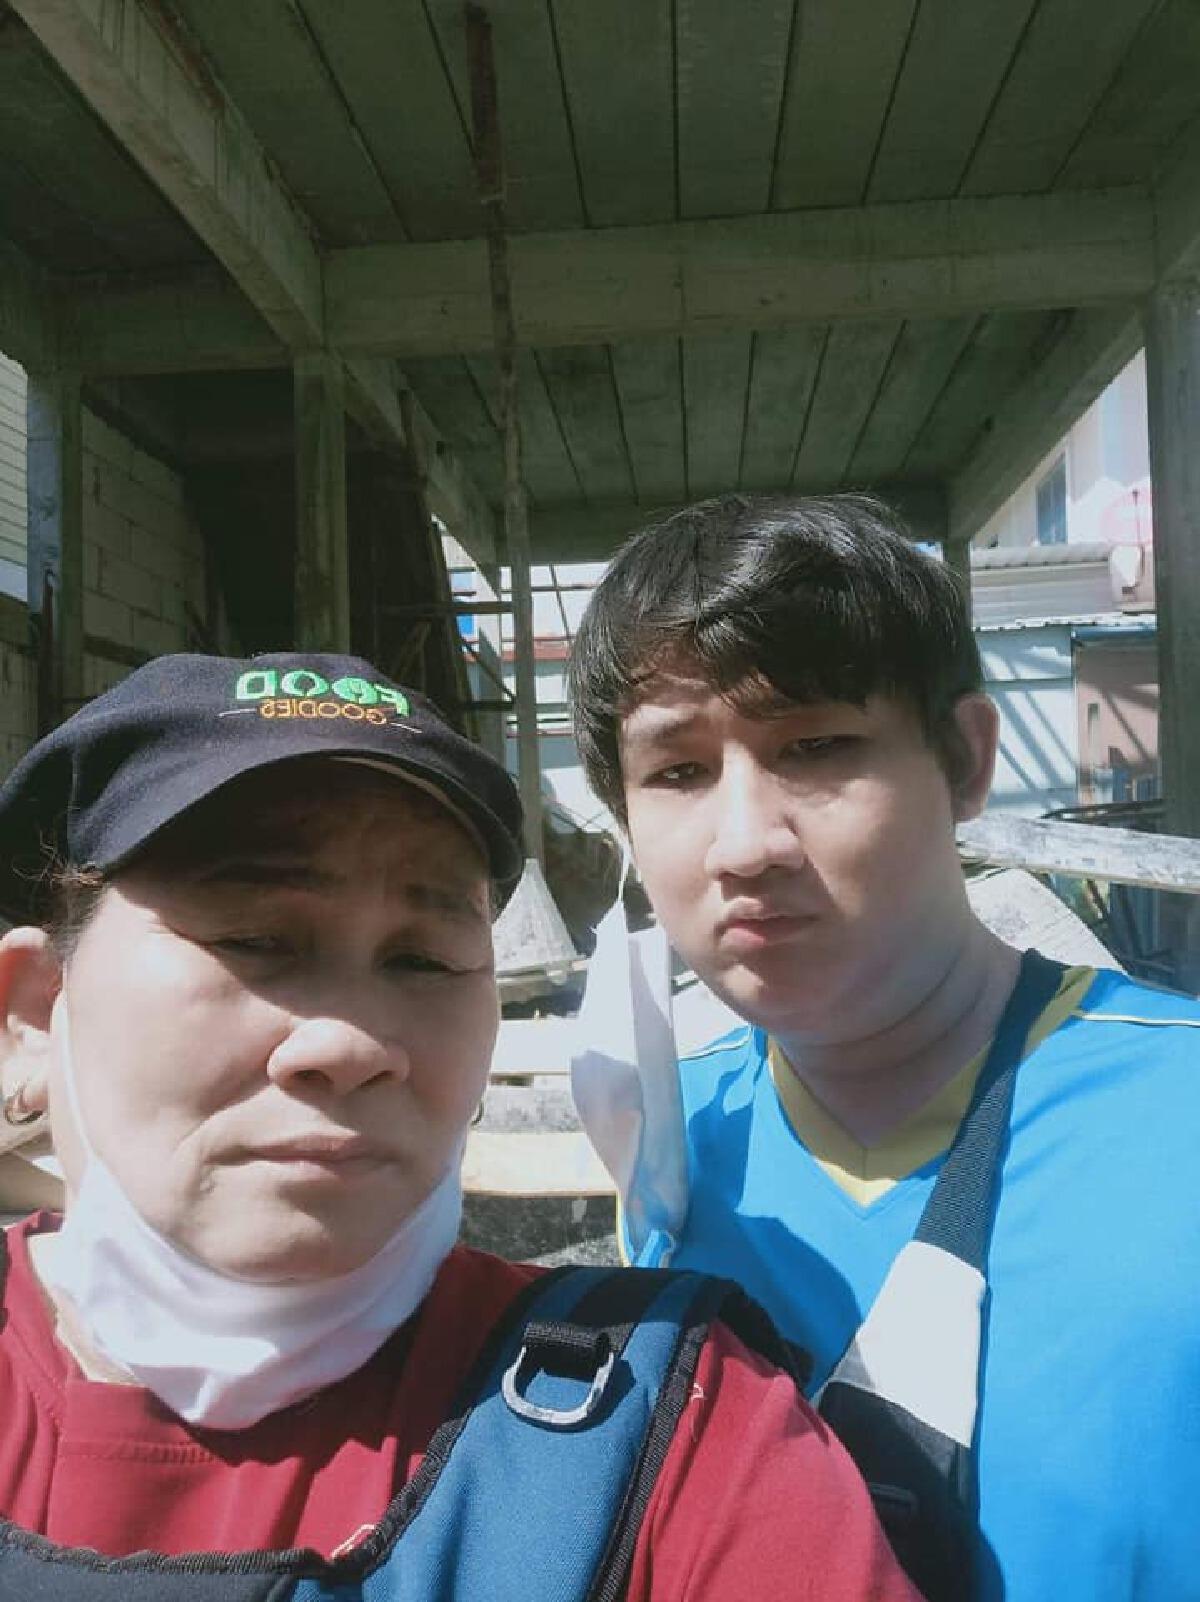 หนุ่มพิการประกาศขายไต หวังช่วยแม่หาเงินสร้างบ้าน หลังถูกผู้รับเหมาโกง